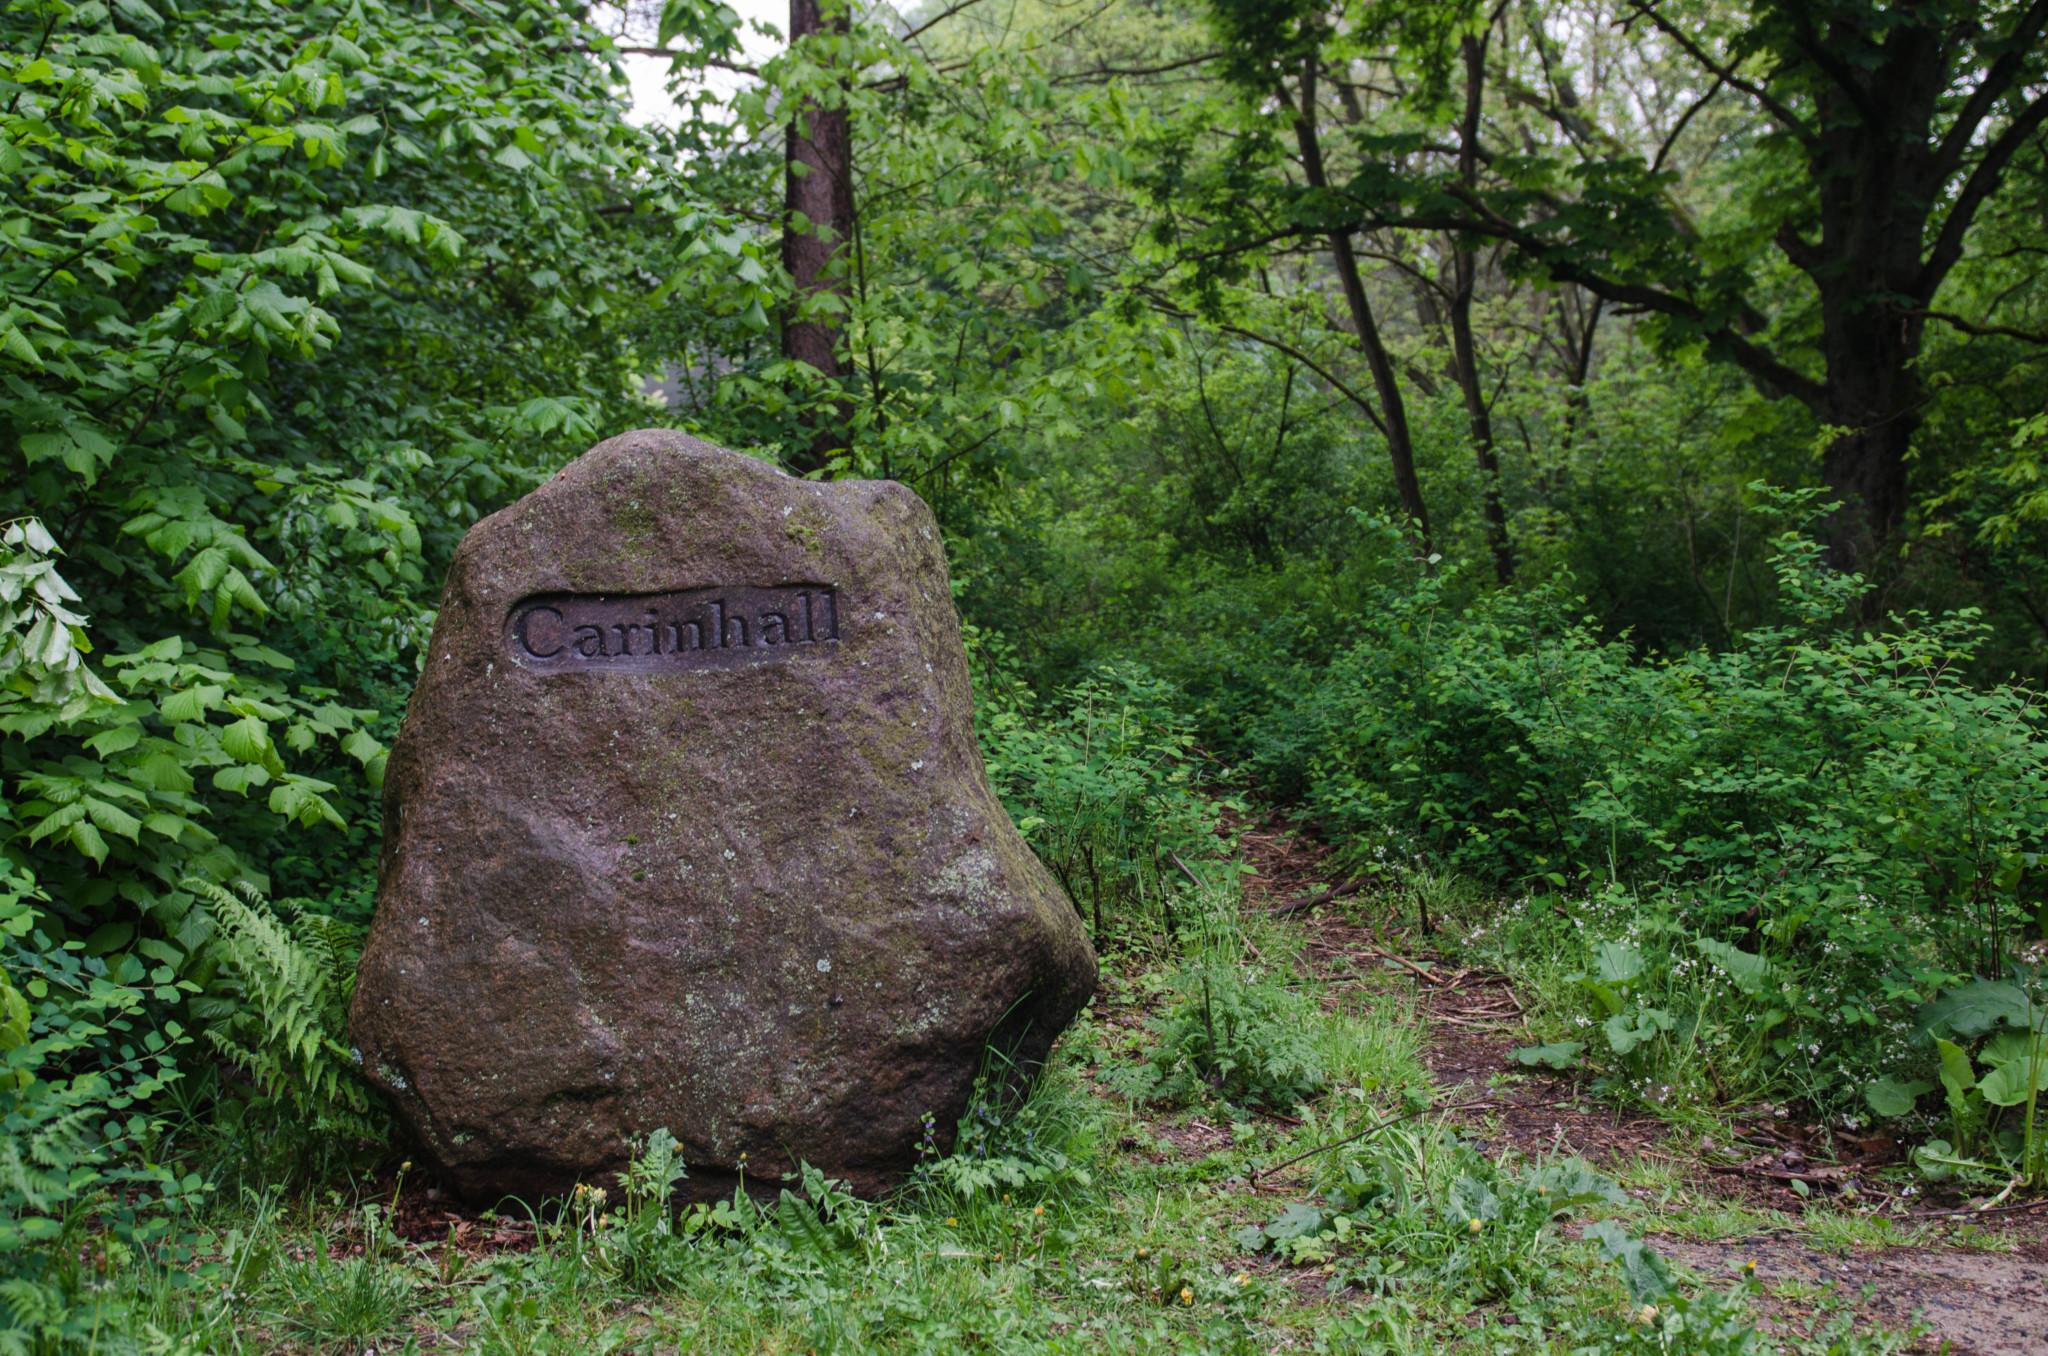 Carinhall in Dölln in der Uckermark